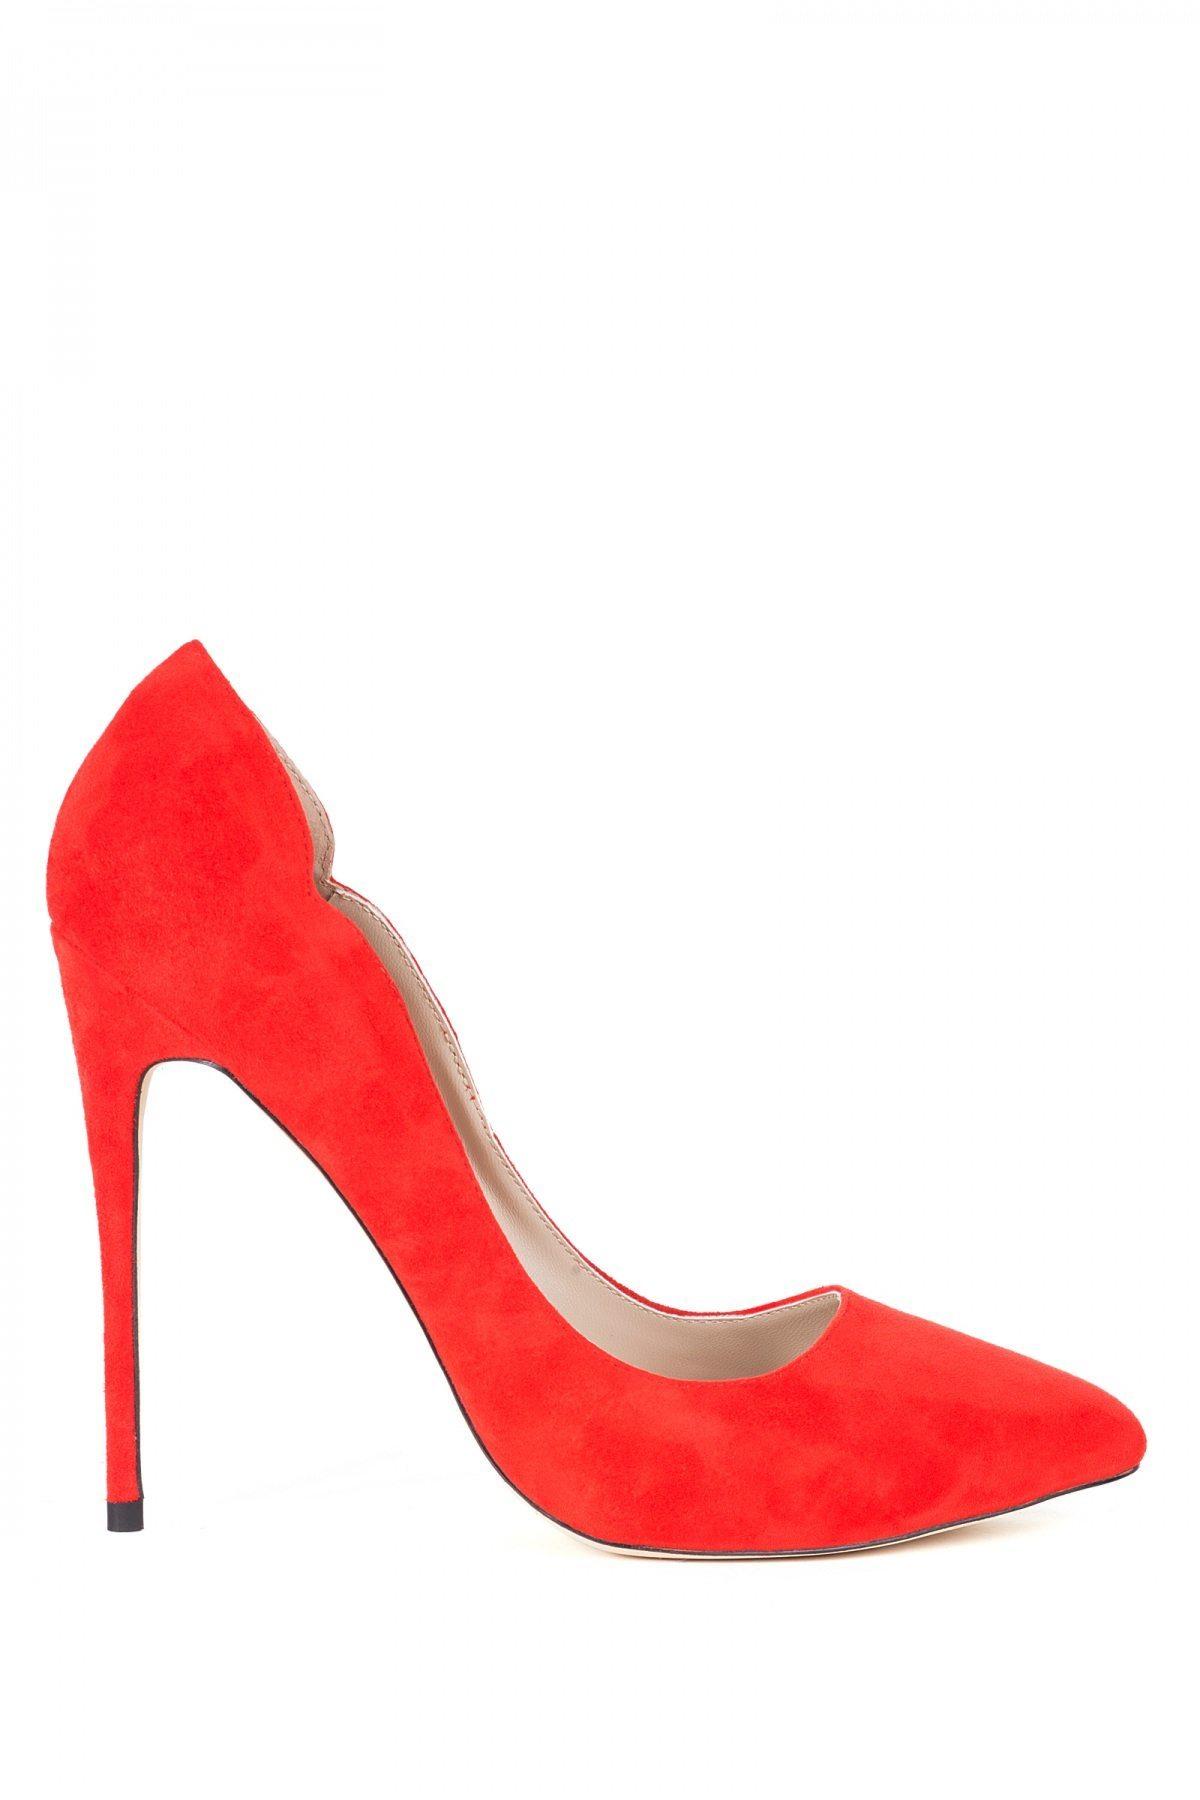 Pantofi Cu Toc Expa8211 Rosu